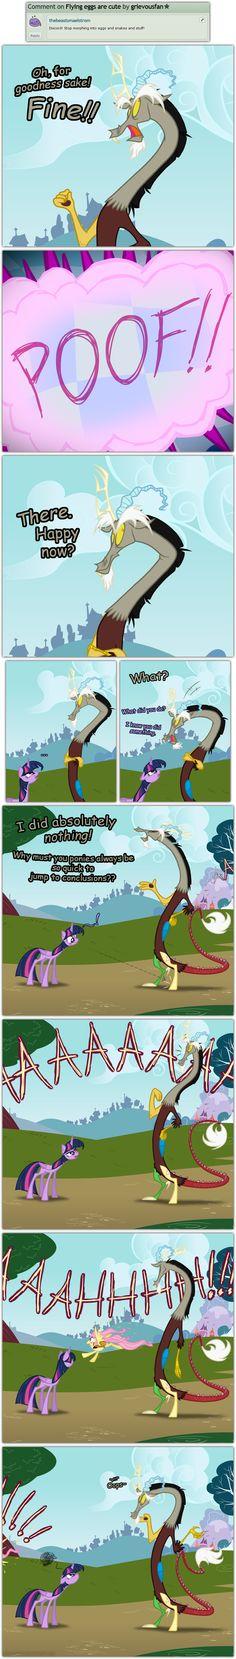 Straining Friendships: A How-To by grievousfan.deviantart.com on @deviantART